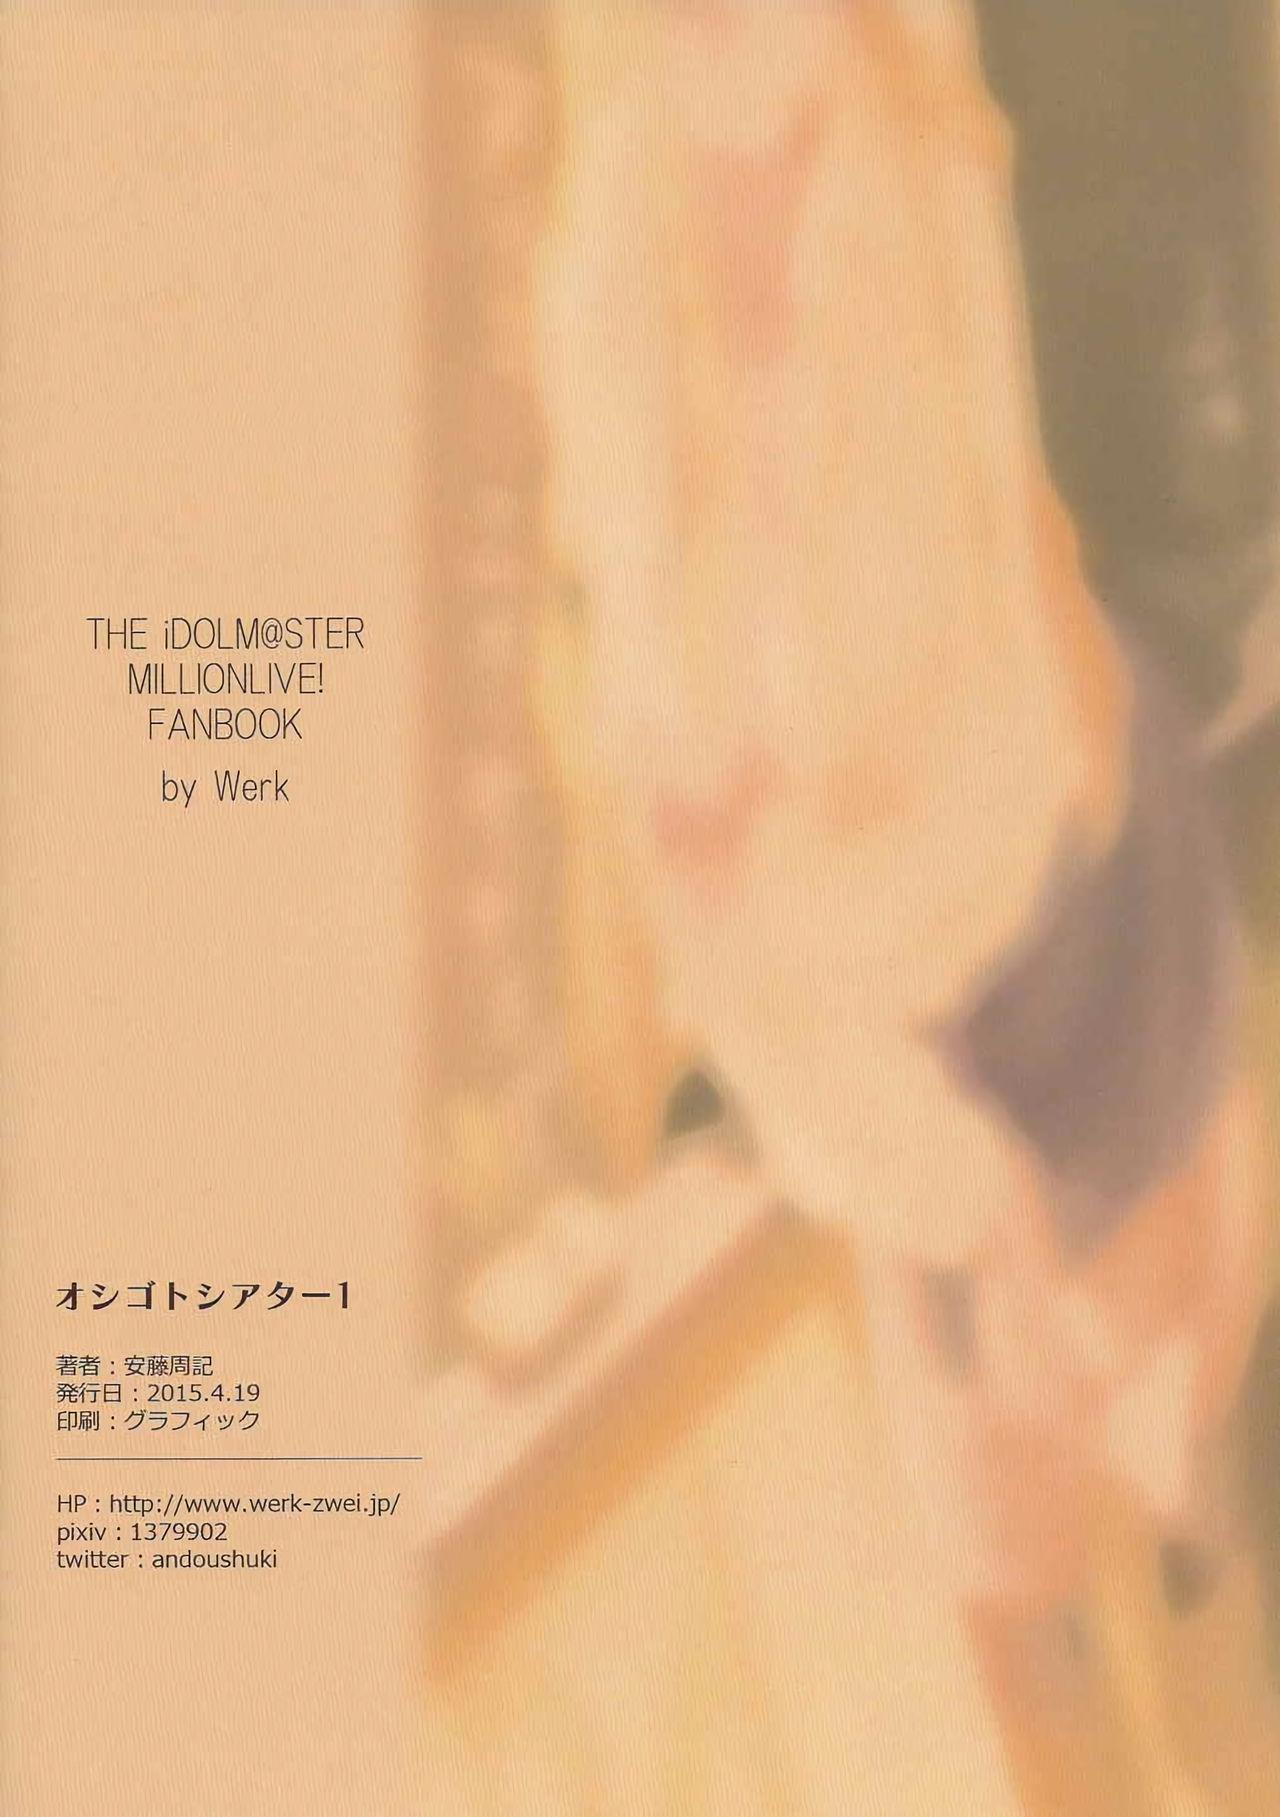 Oshigoto Theater 1 24